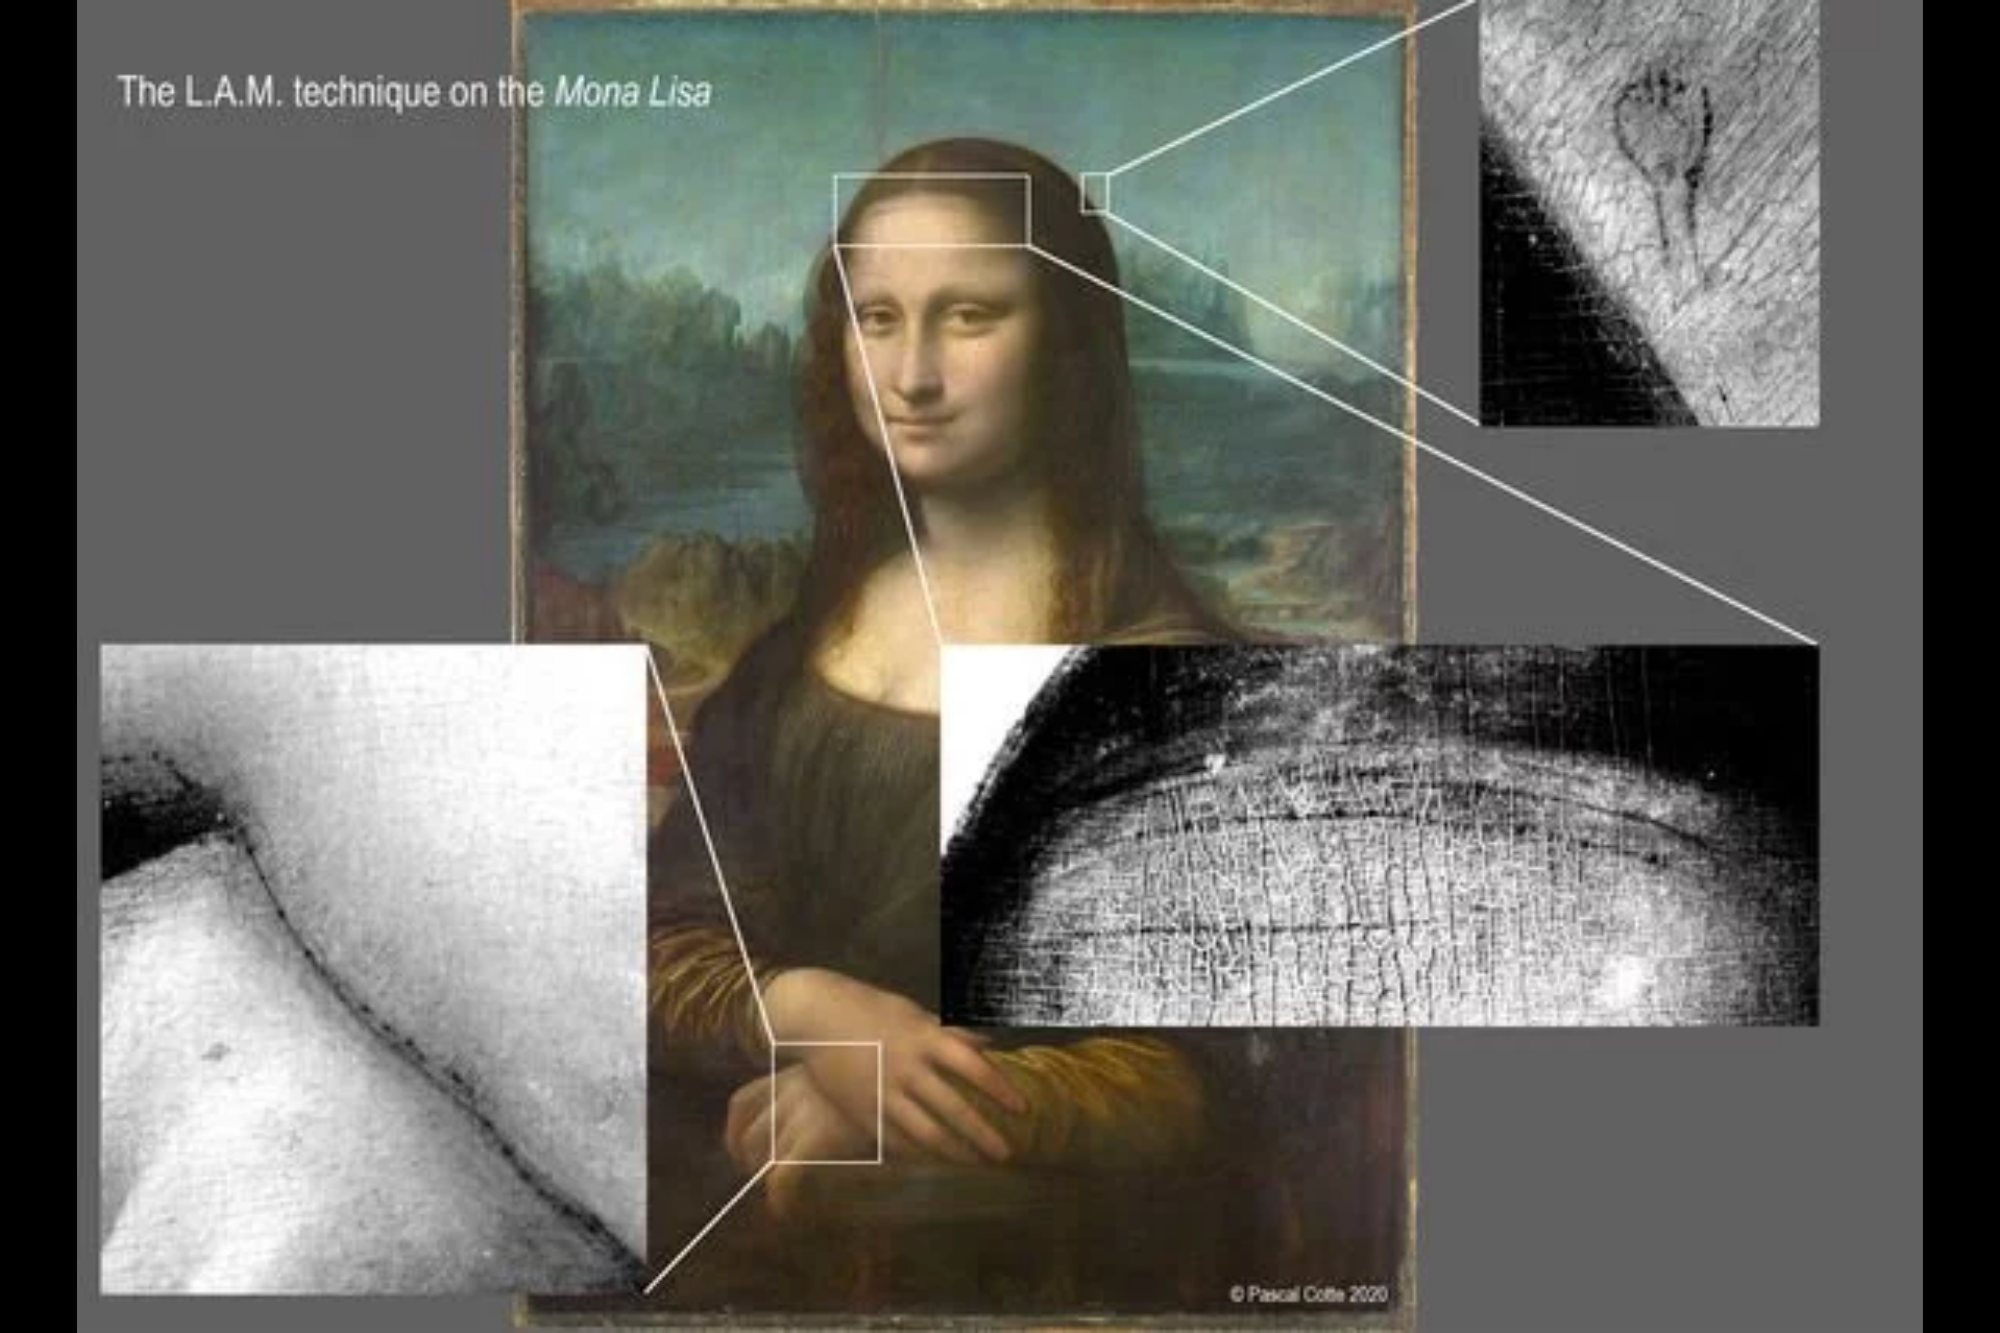 Mona Lisa. Descubren un boceto y detalles ocultos debajo de la pintura - LA  NACION